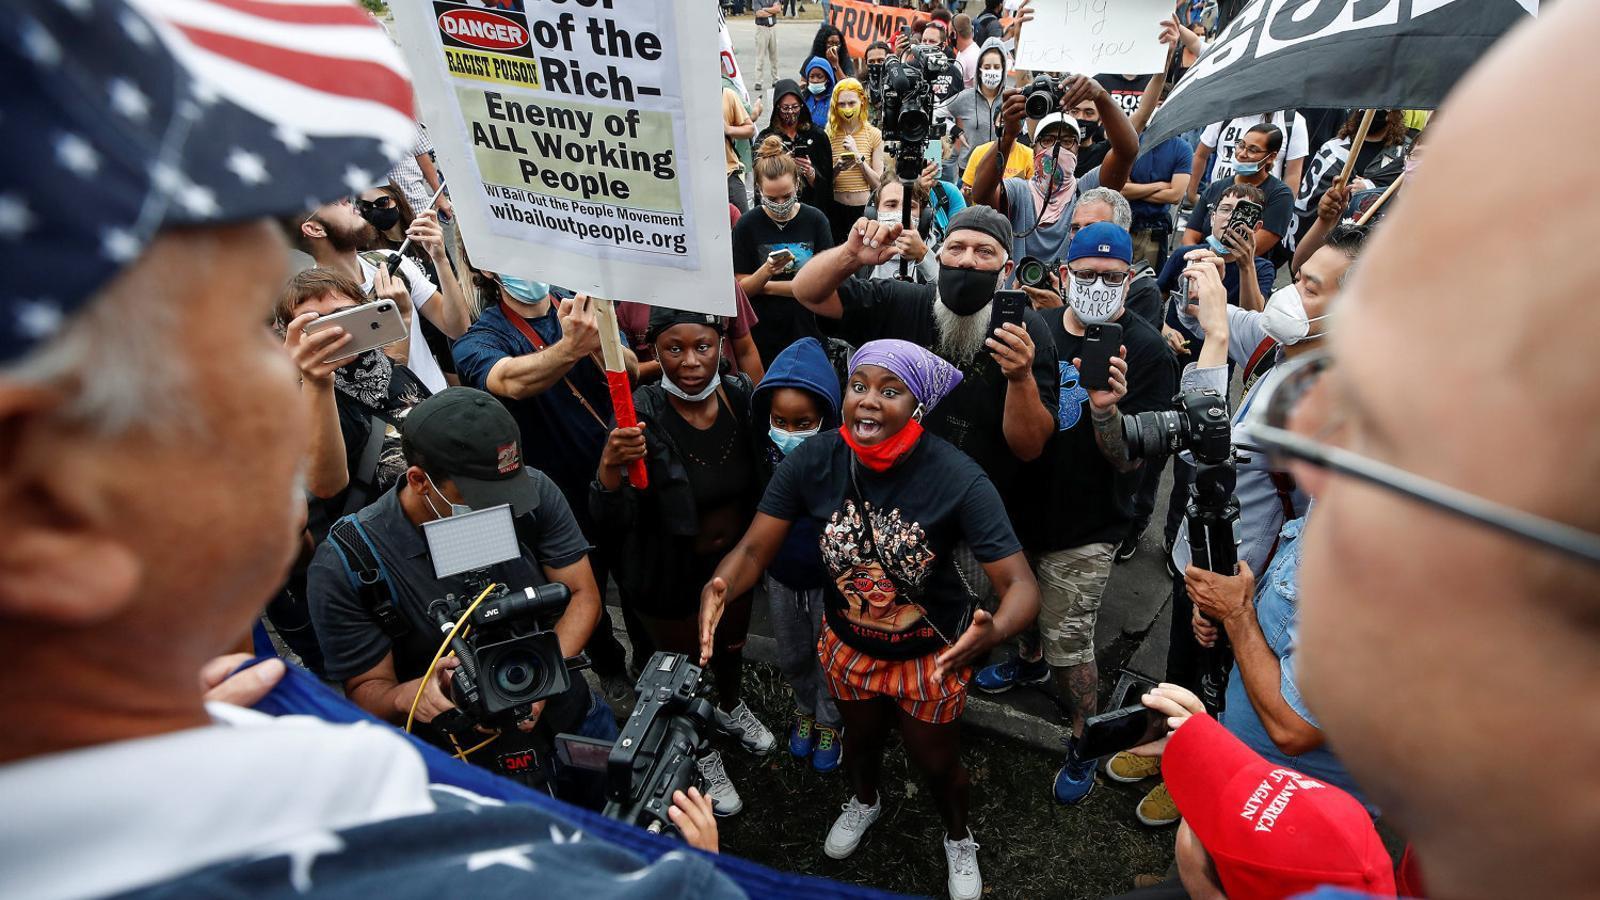 Crits contra la visita de Donald Trump a Kenosha, escenari de protestes contra la discriminació racial.